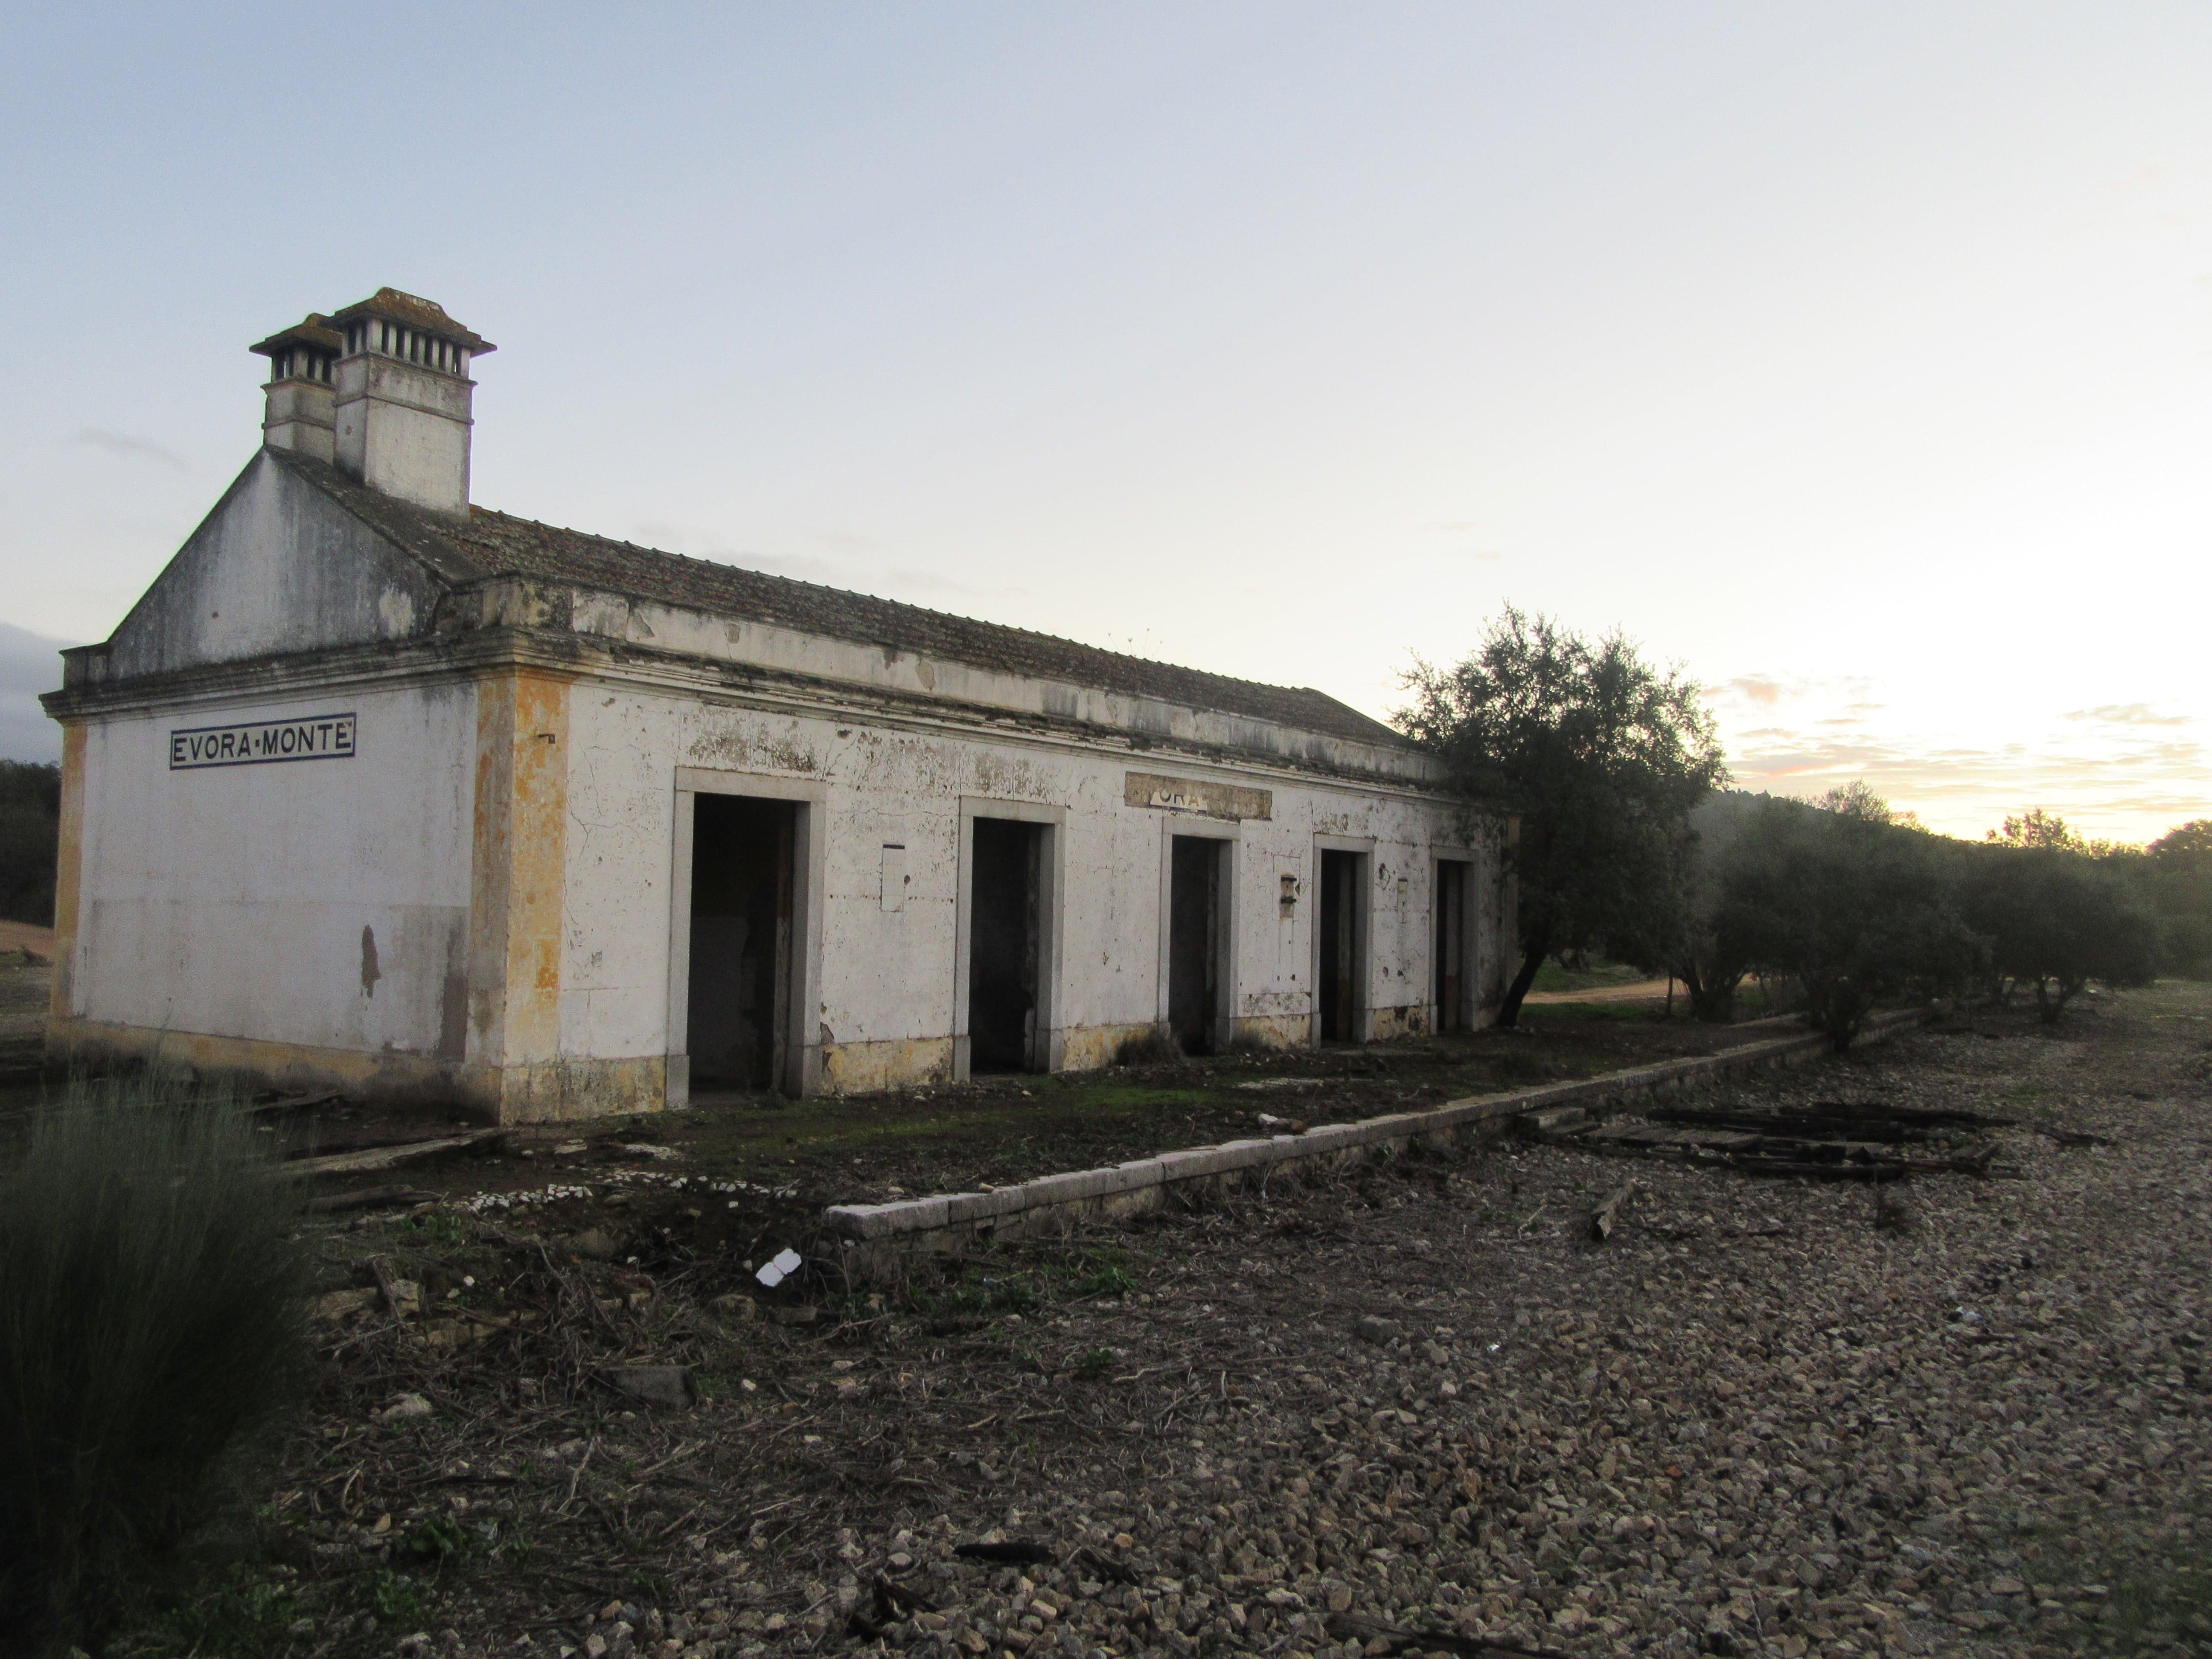 bivouac gare abandonnée au Portugal